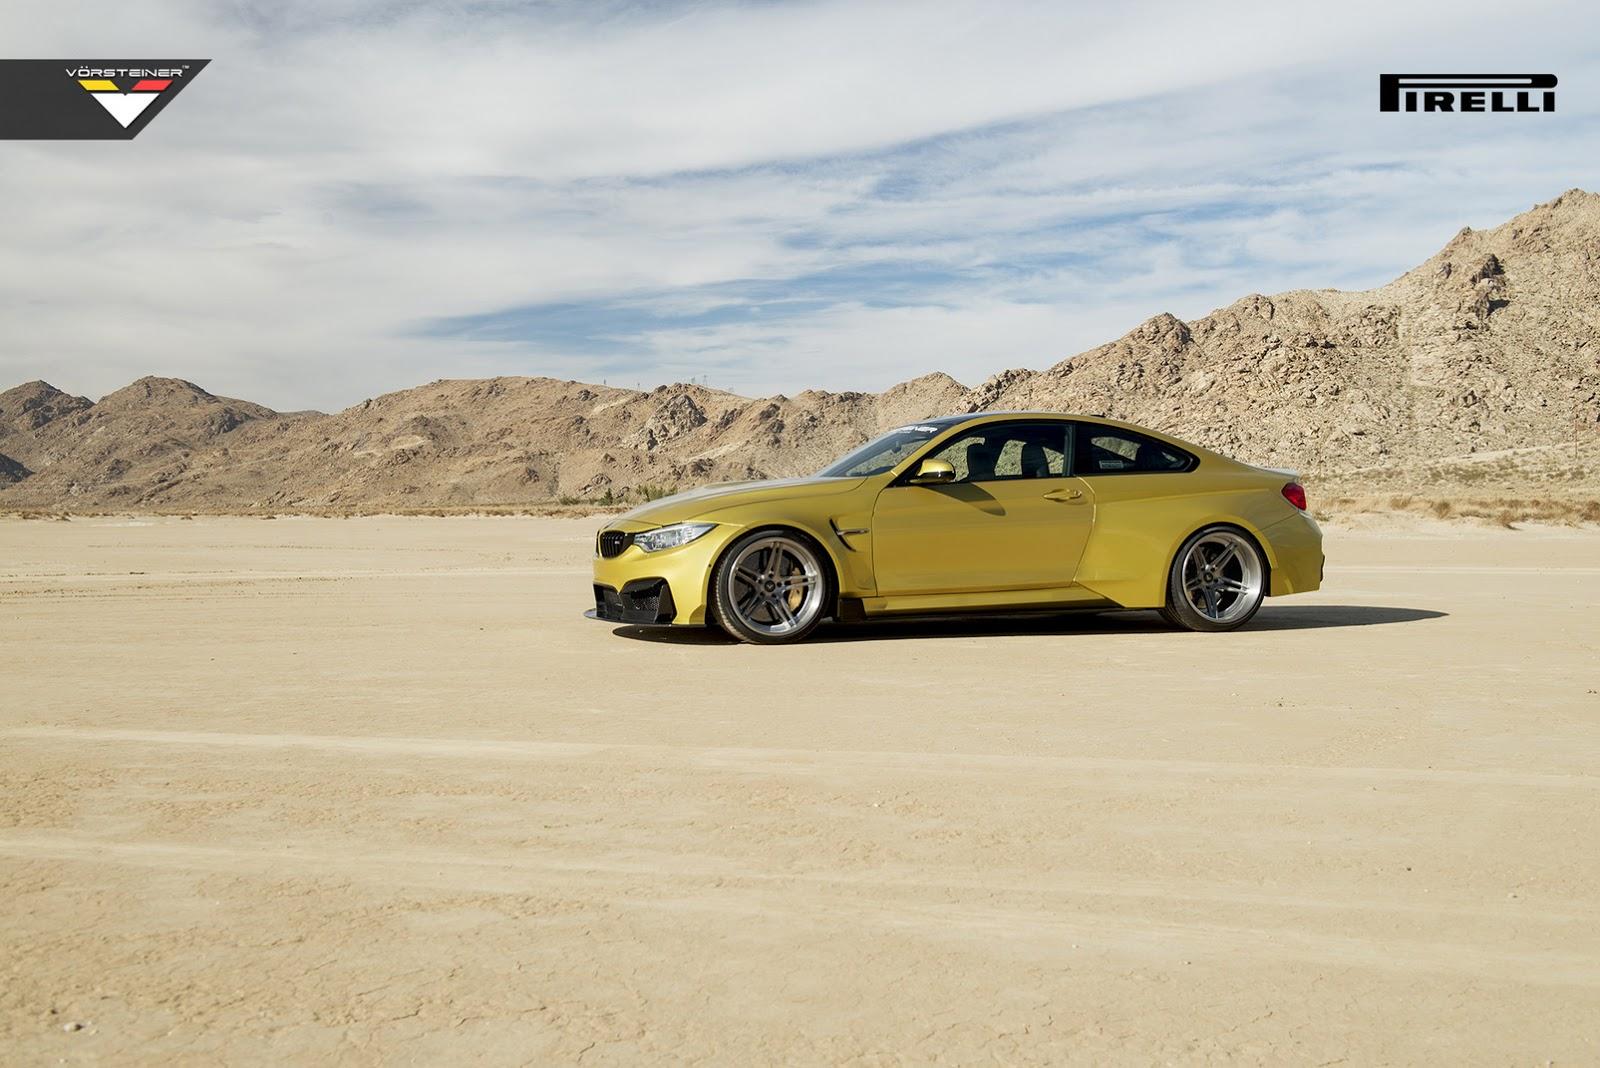 http://2.bp.blogspot.com/-hVJh1x-YDEw/VHOhiImtjXI/AAAAAAAAdDU/AO8n8iyBJDA/s1600/BMW-M4-GTRS4-41.jpg